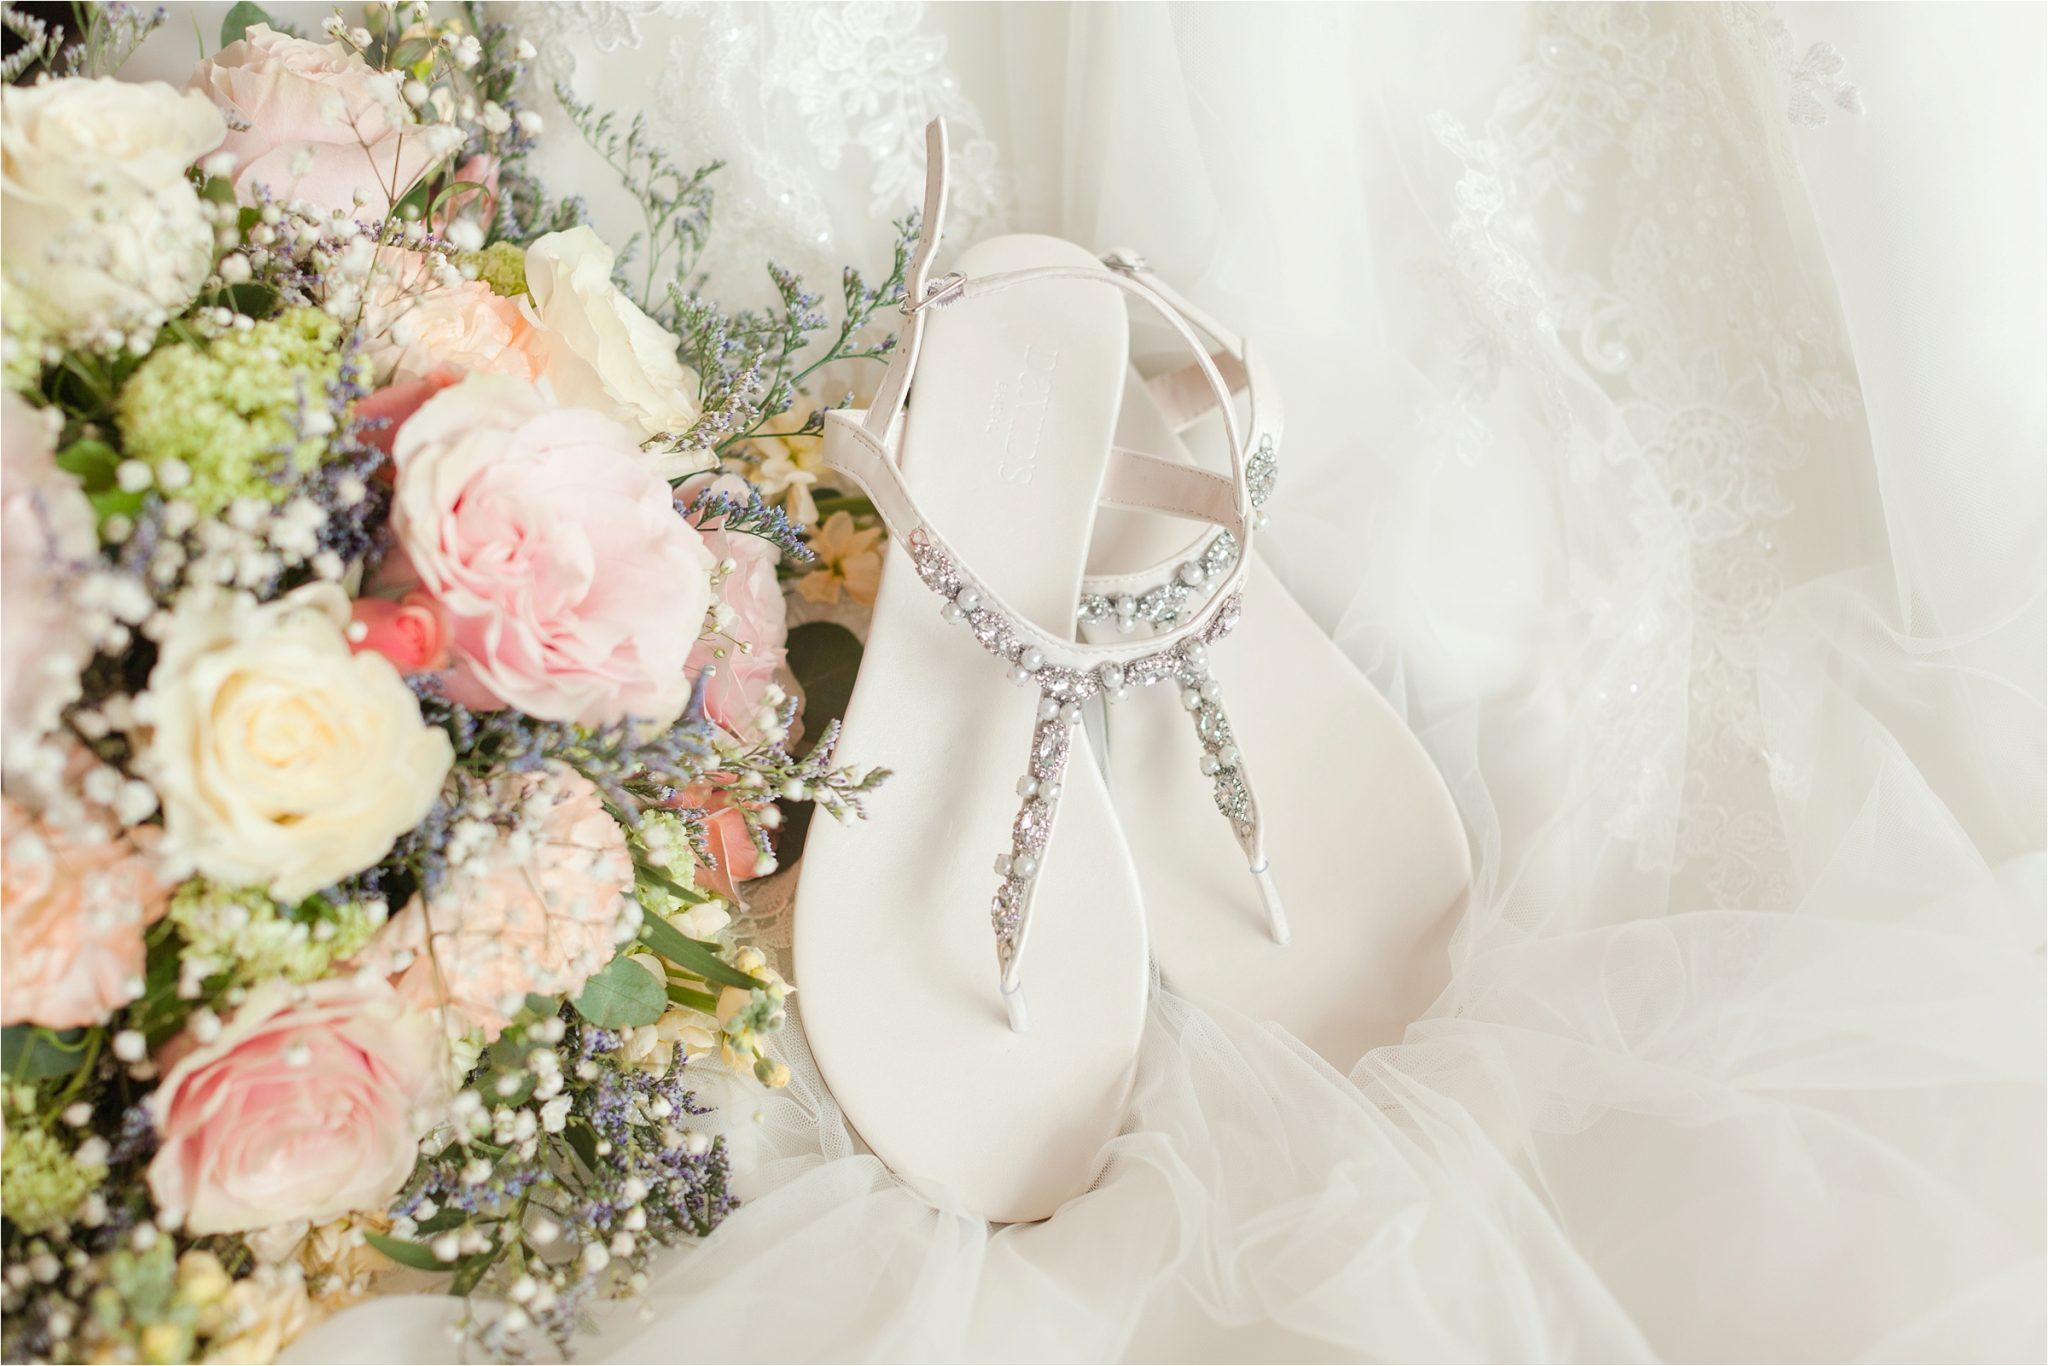 Kananaskis Canada Wedding at the Delta Lodge-Kaitlin & Ricky-Alabama wedding photographer-Lodge wedding-Wedding shoes